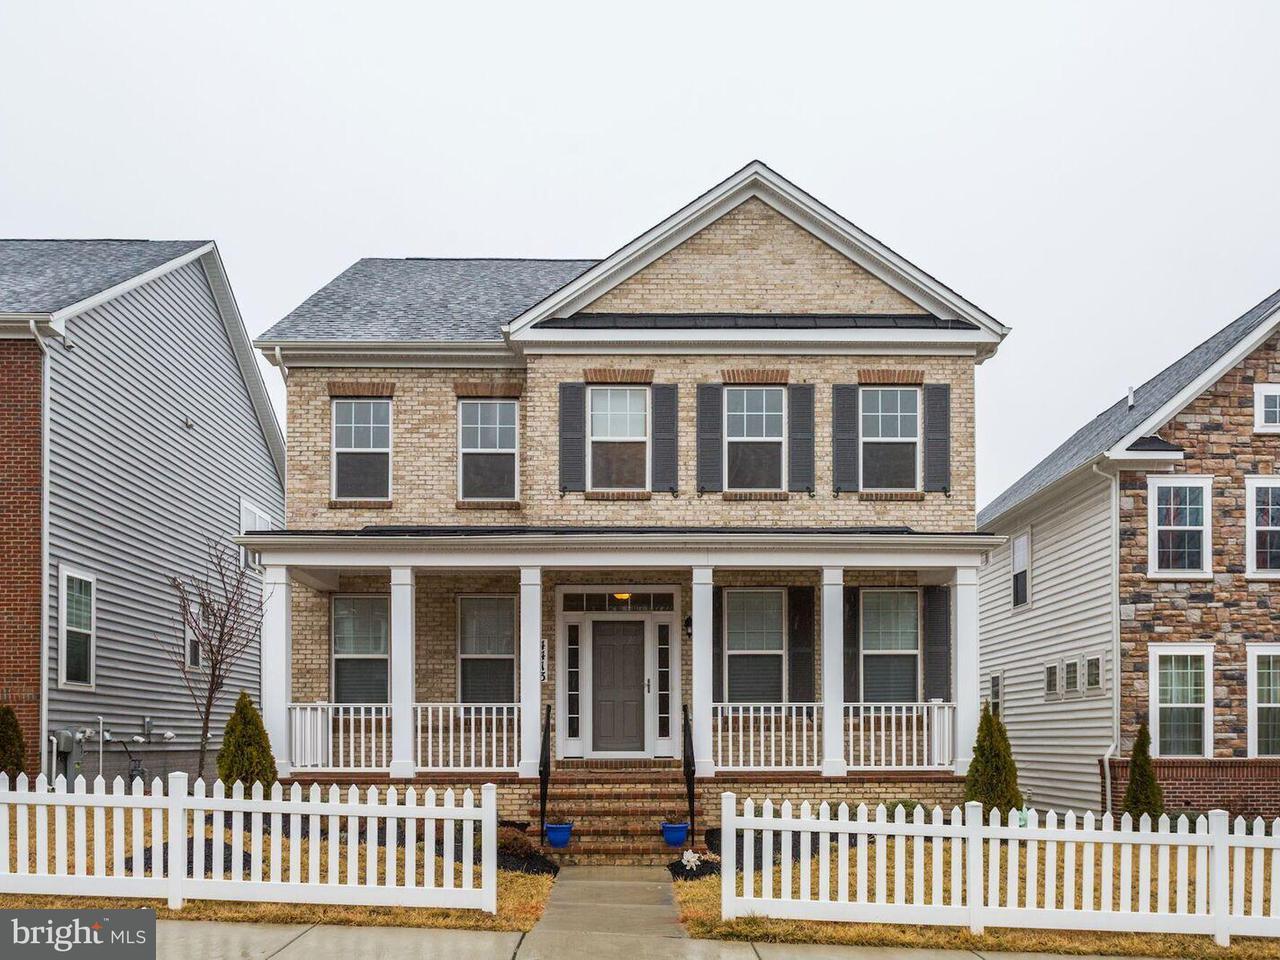 단독 가정 주택 용 매매 에 4413 Camley Way 4413 Camley Way Burtonsville, 메릴랜드 20866 미국